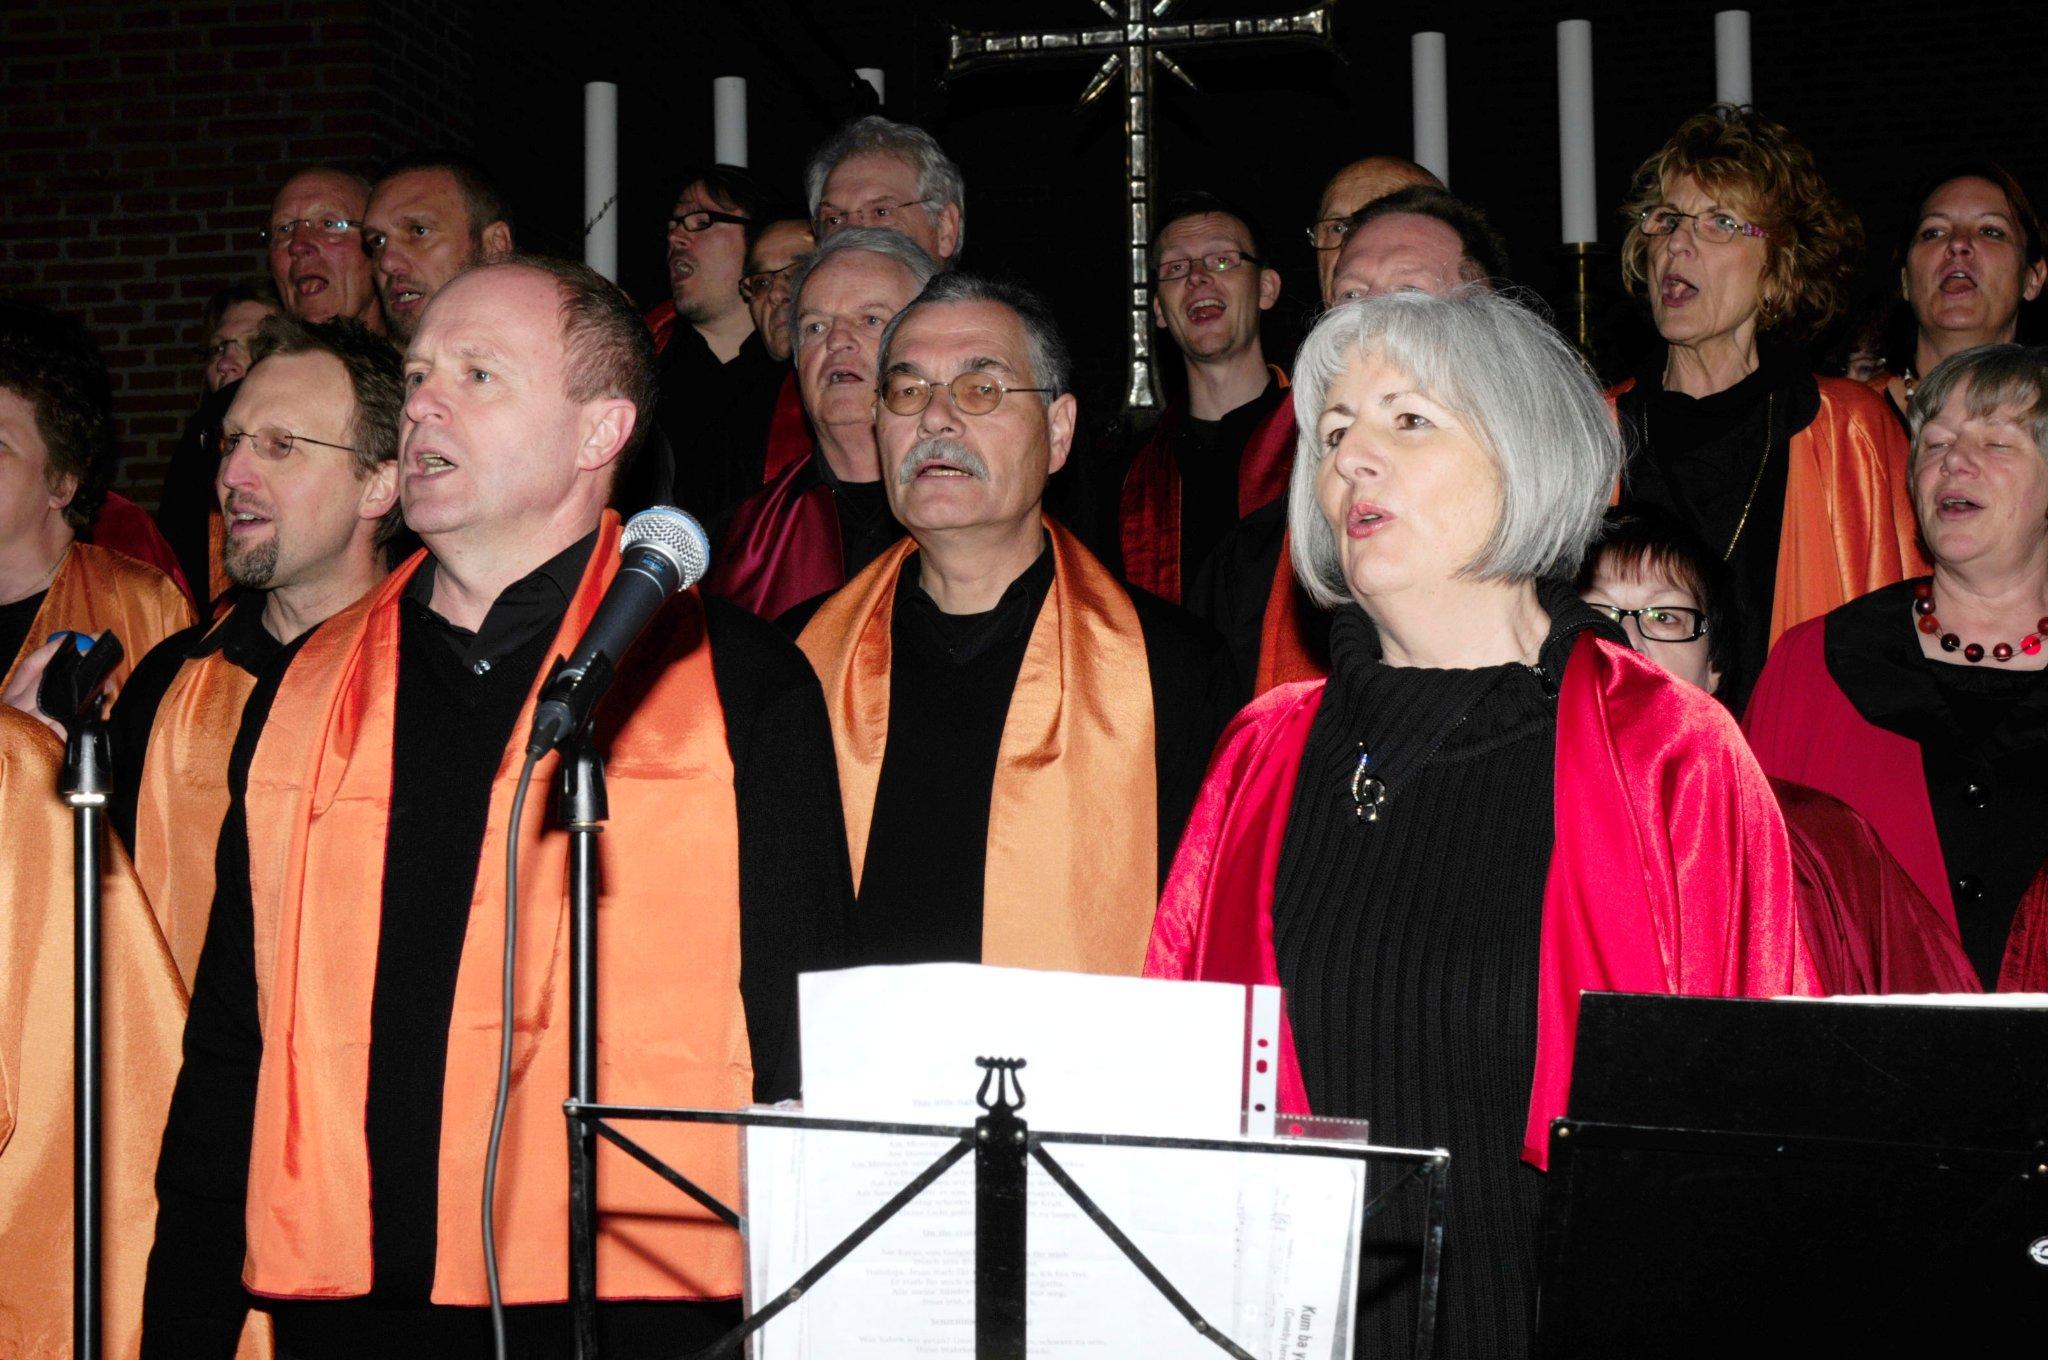 20120422 Reformations Gedaechtniskirche 14